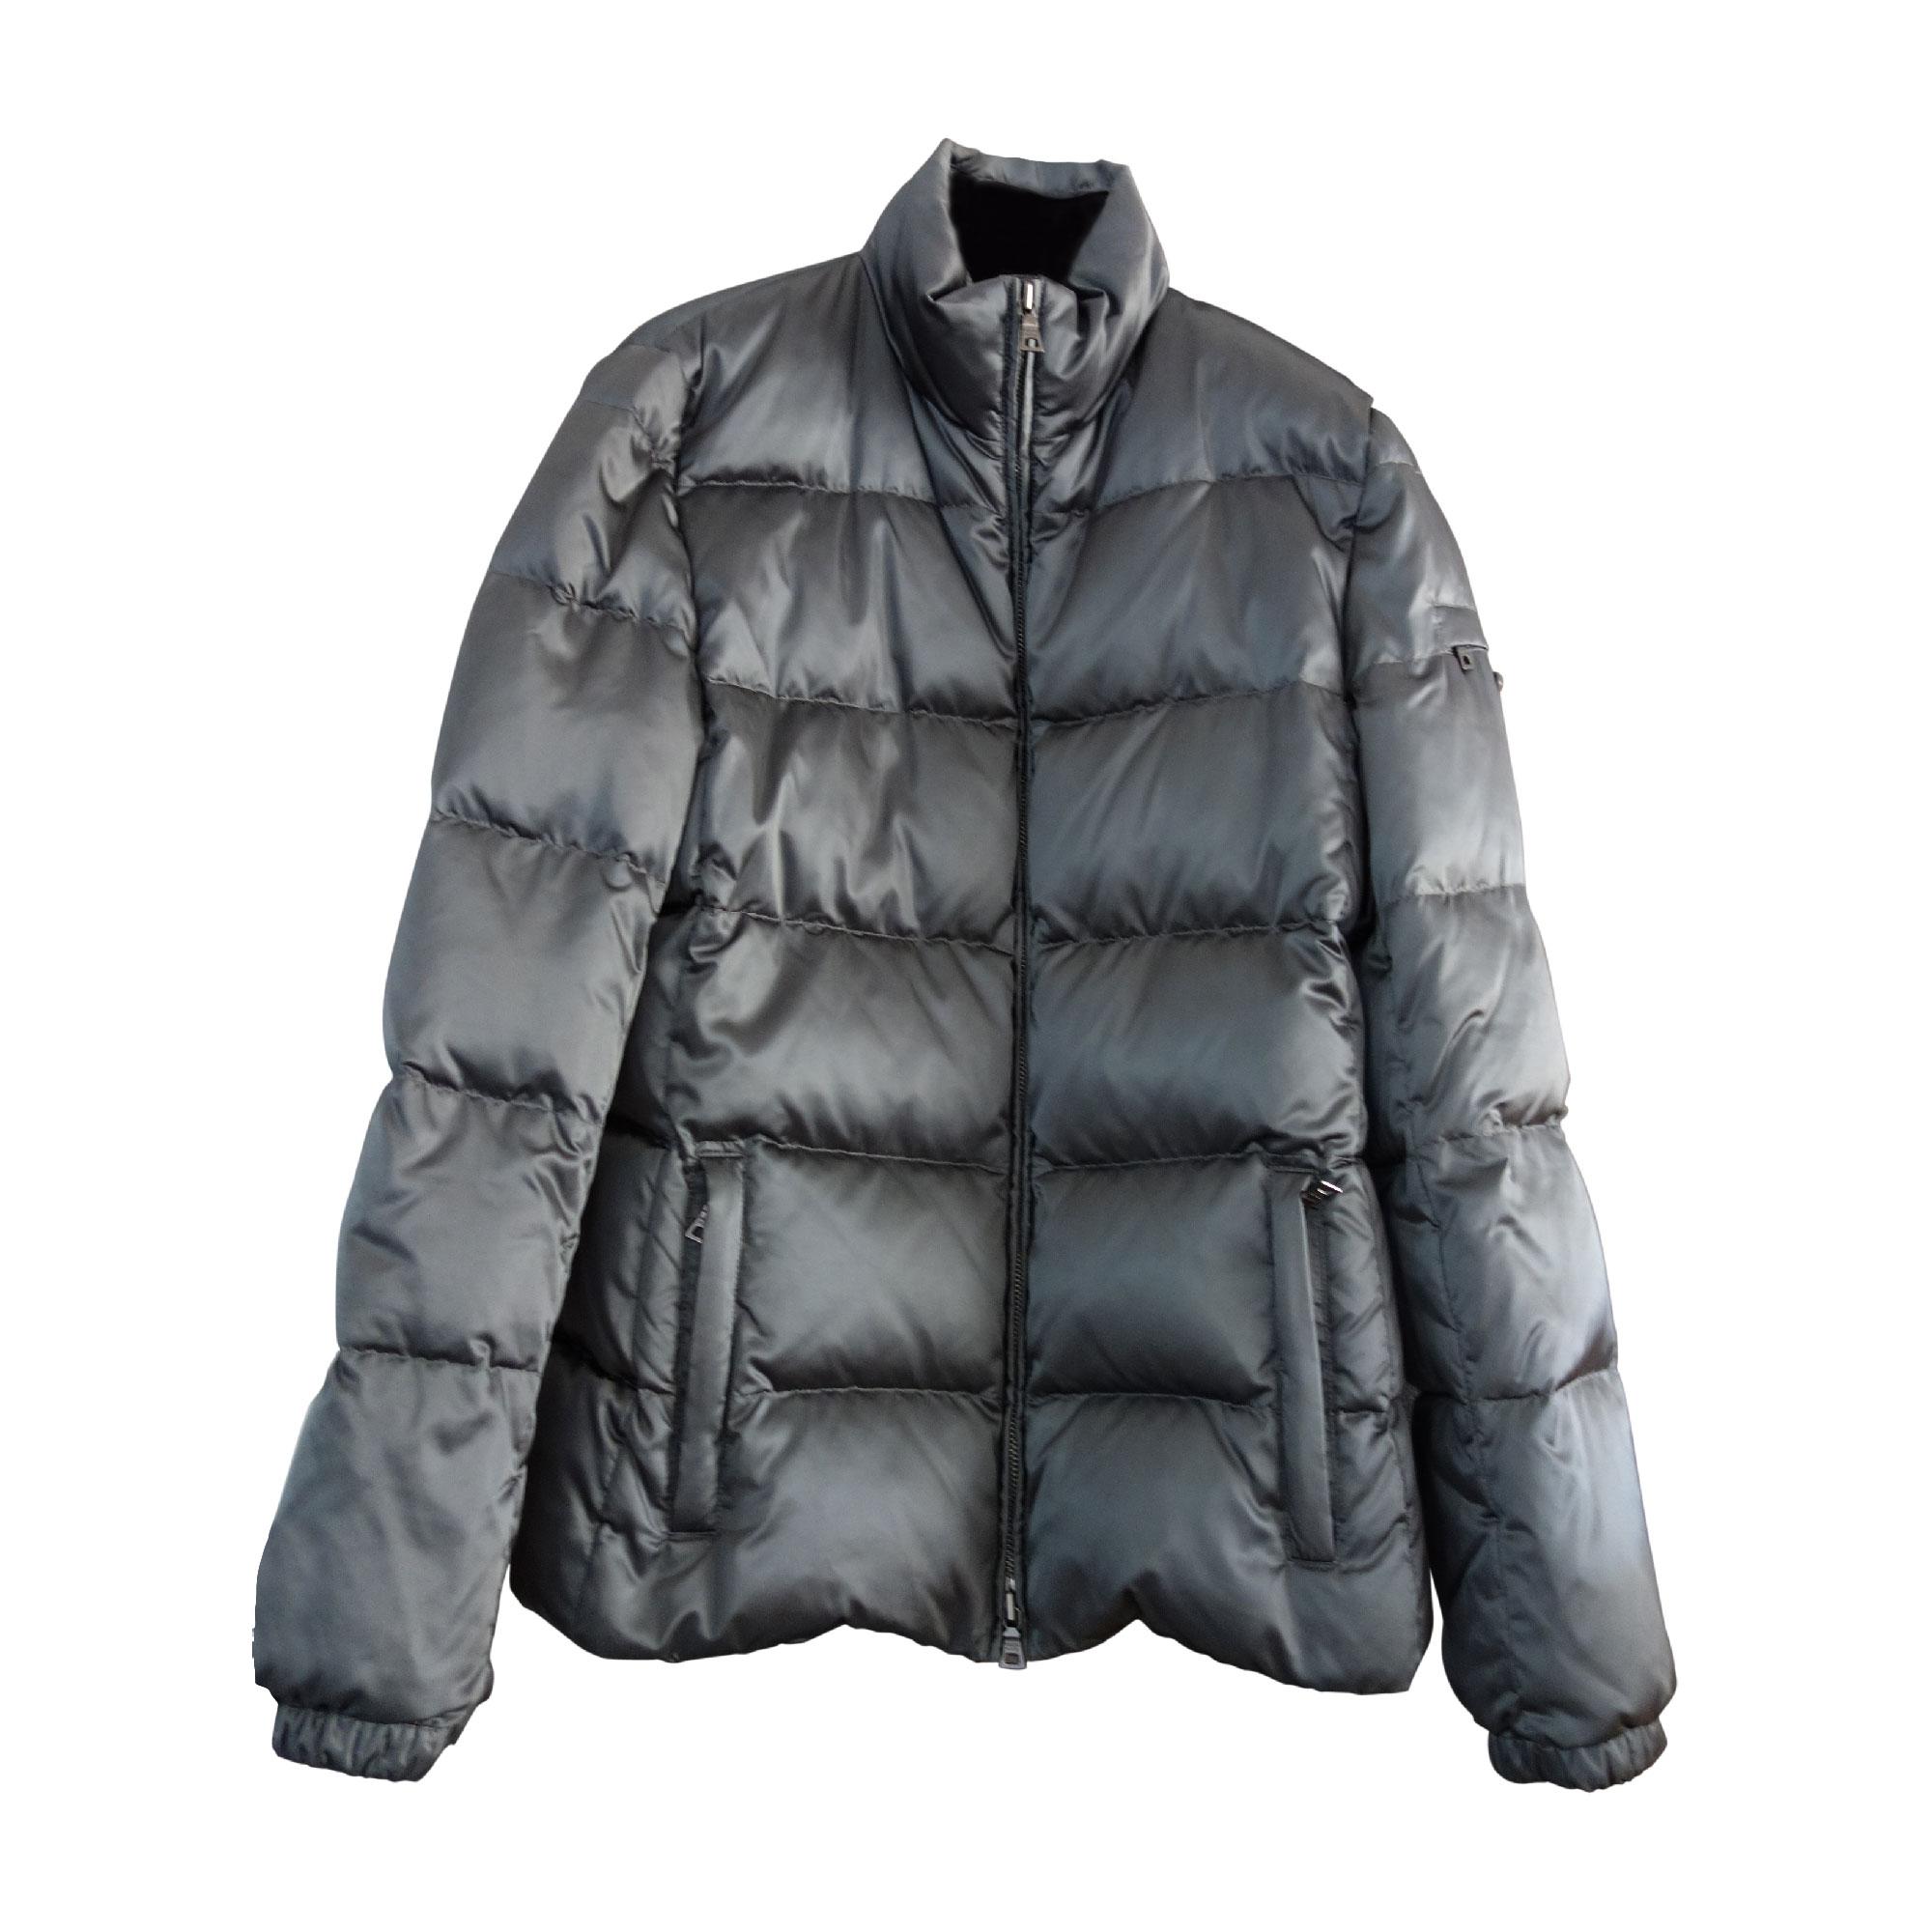 Doudoune PRADA 42 (L XL, T4) gris - 4293125 9dba107c8d0